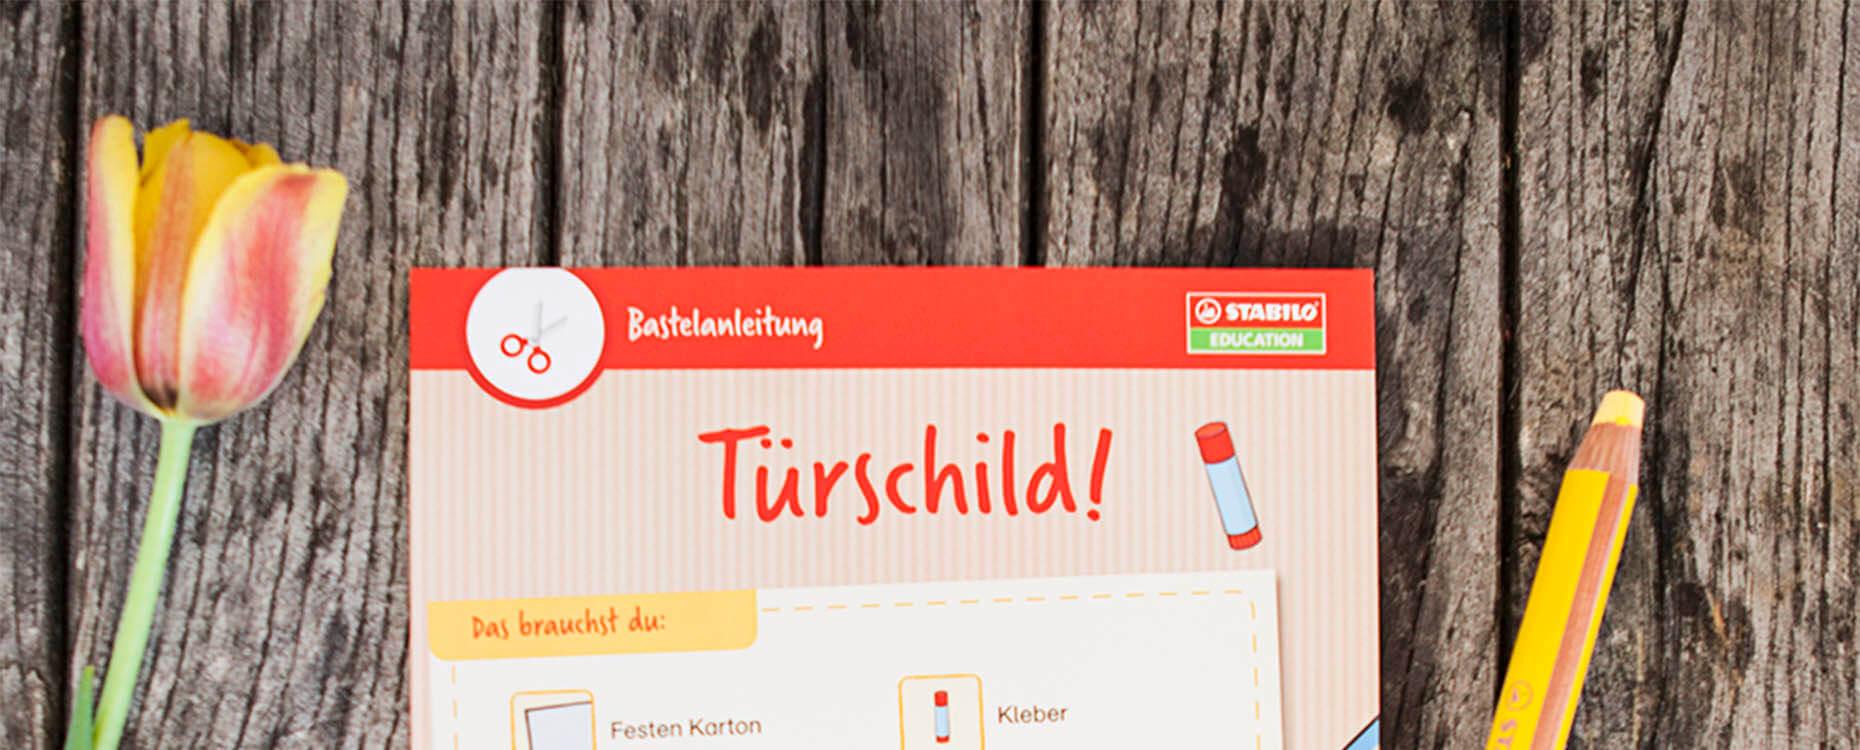 T__rschild-Deutsch_1860_750.jpg